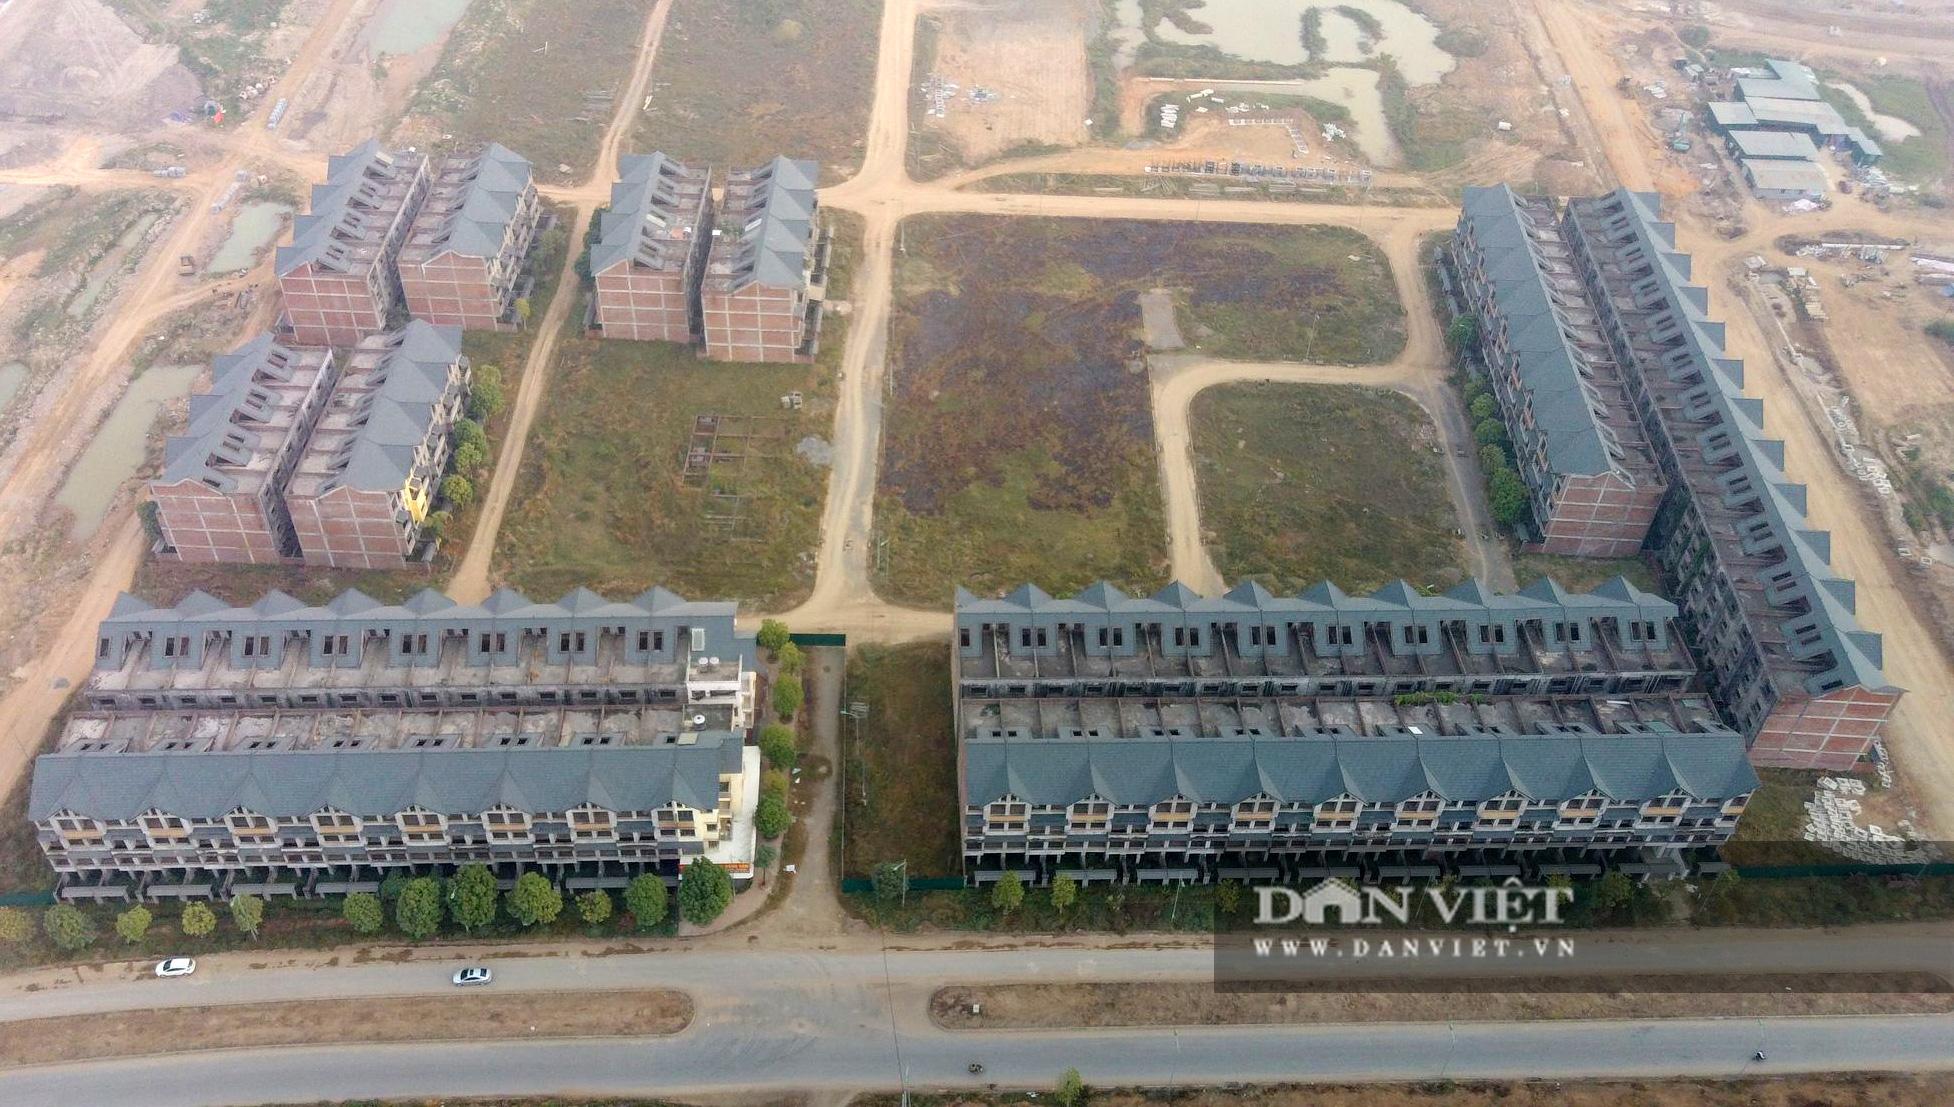 Cận cảnh dự án Kim Chung – Di Trạch ồ ạt rao bán khi nợ thuế, chưa xong hạ tầng - Ảnh 2.